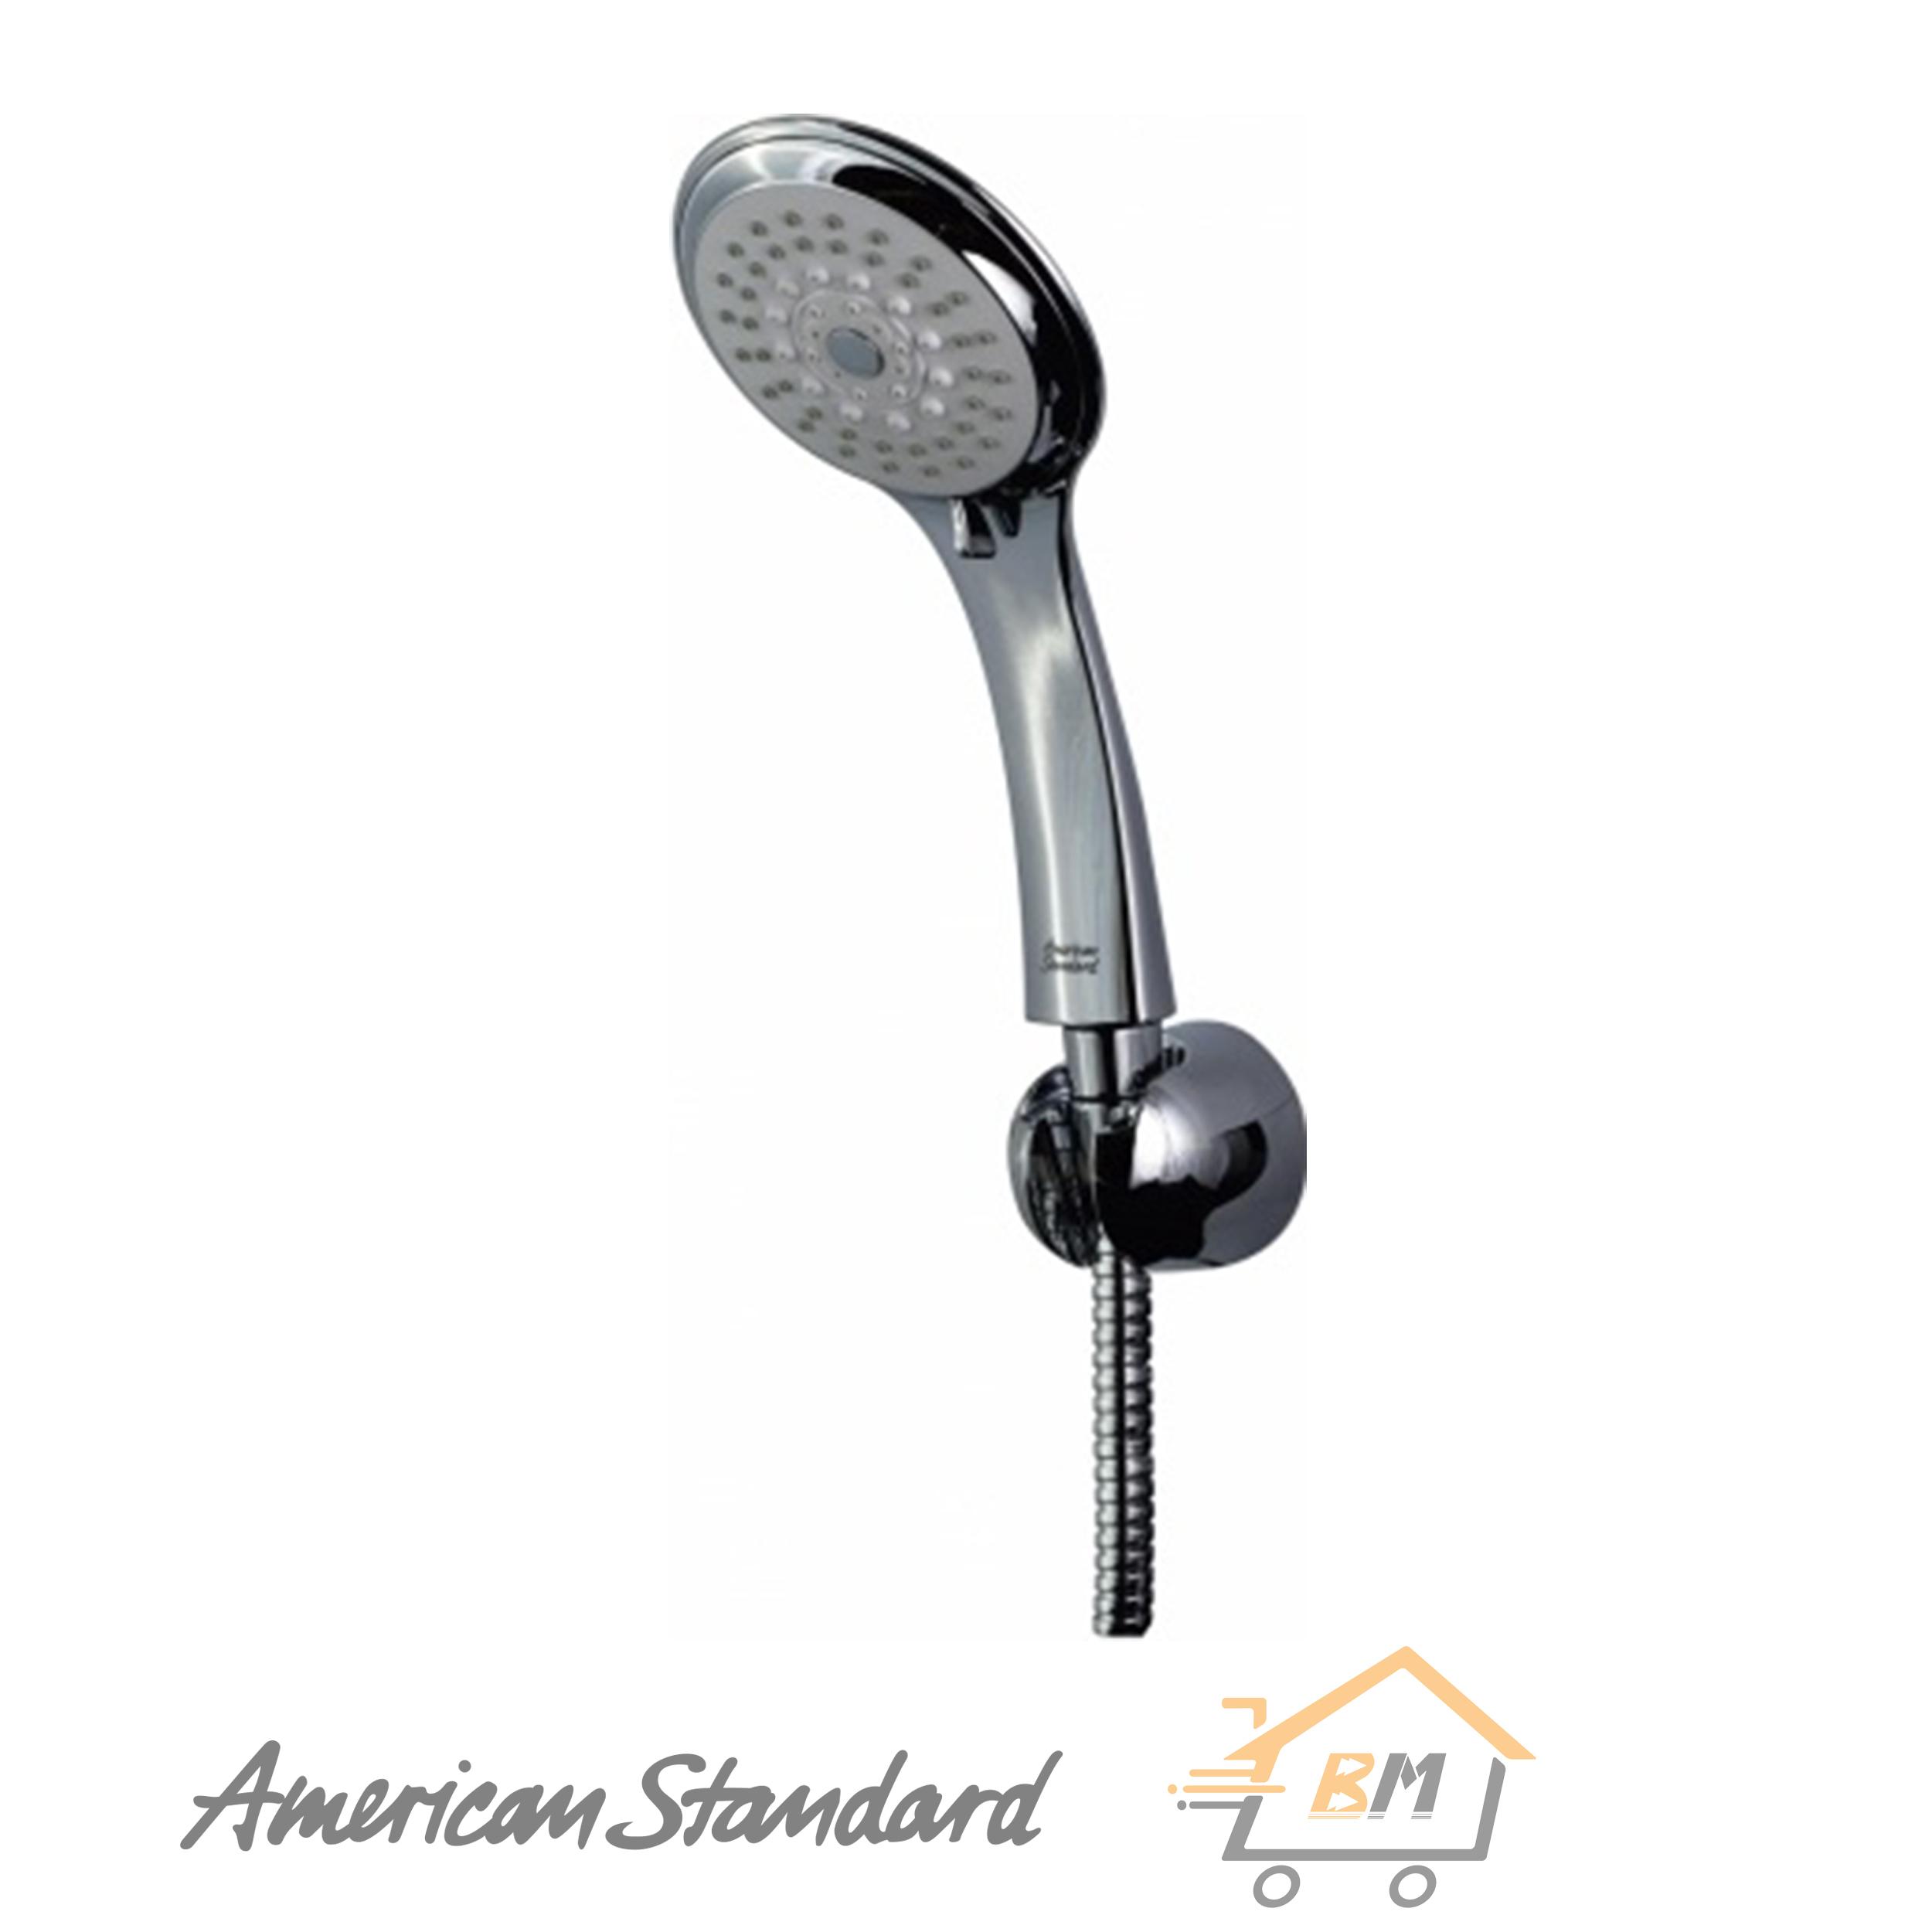 หัวฝักบัวสายอ่อน American Standard (A-6014-HS)